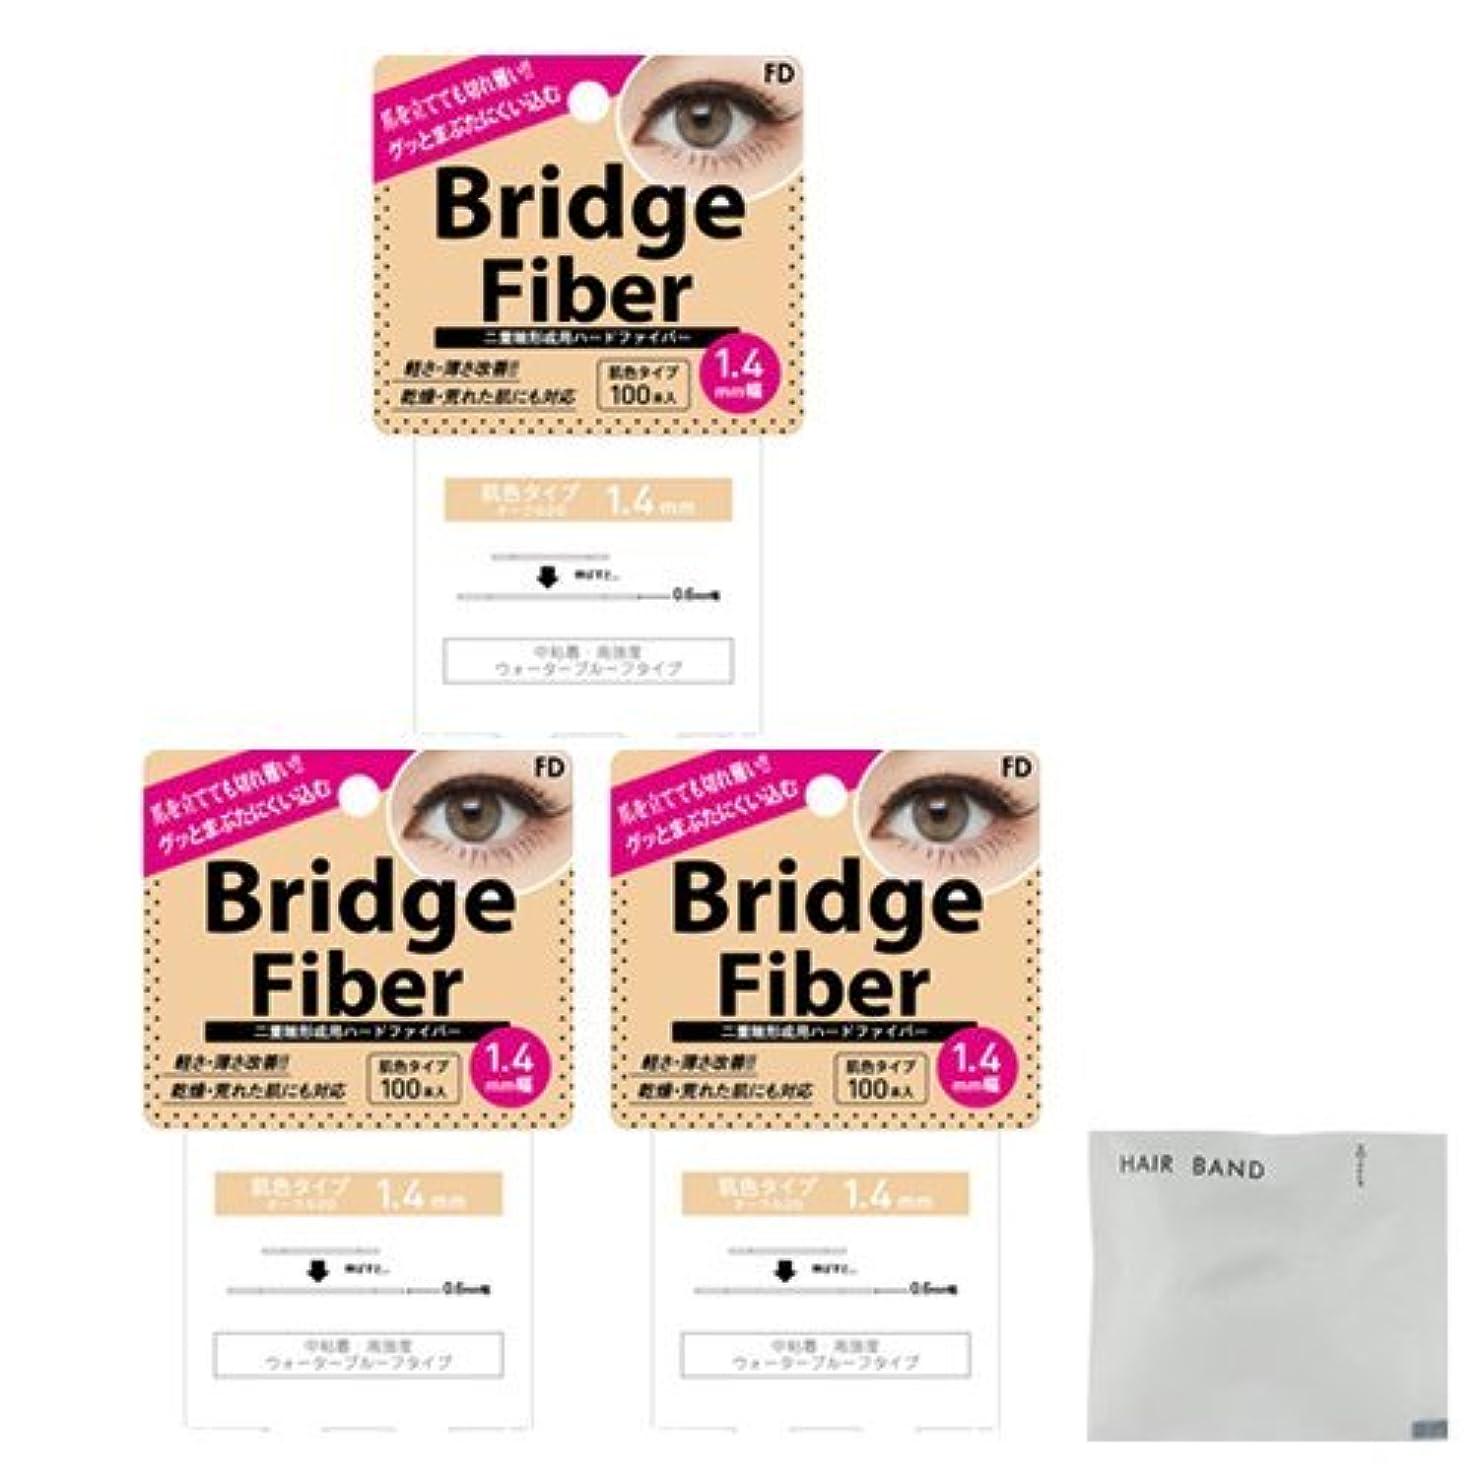 演劇指令リアルFD ブリッジファイバーⅡ (Bridge Fiber) ヌーディ1.4mm×3個 + ヘアゴム(カラーはおまかせ)セット